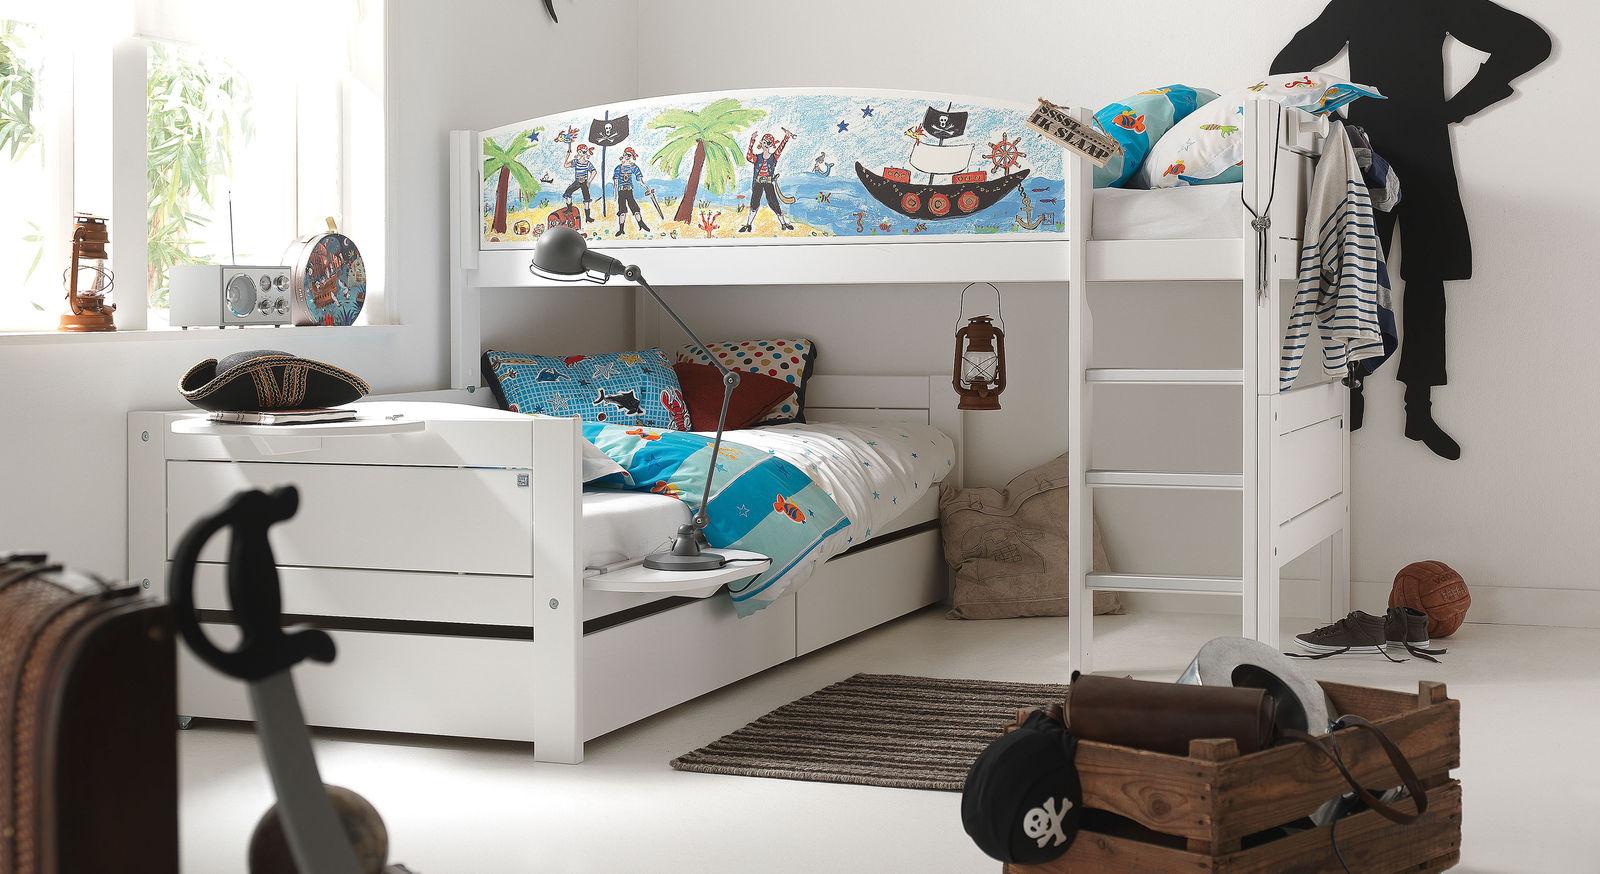 LIFETIME Eck-Etagenbett Pirat für Kinderzimmer